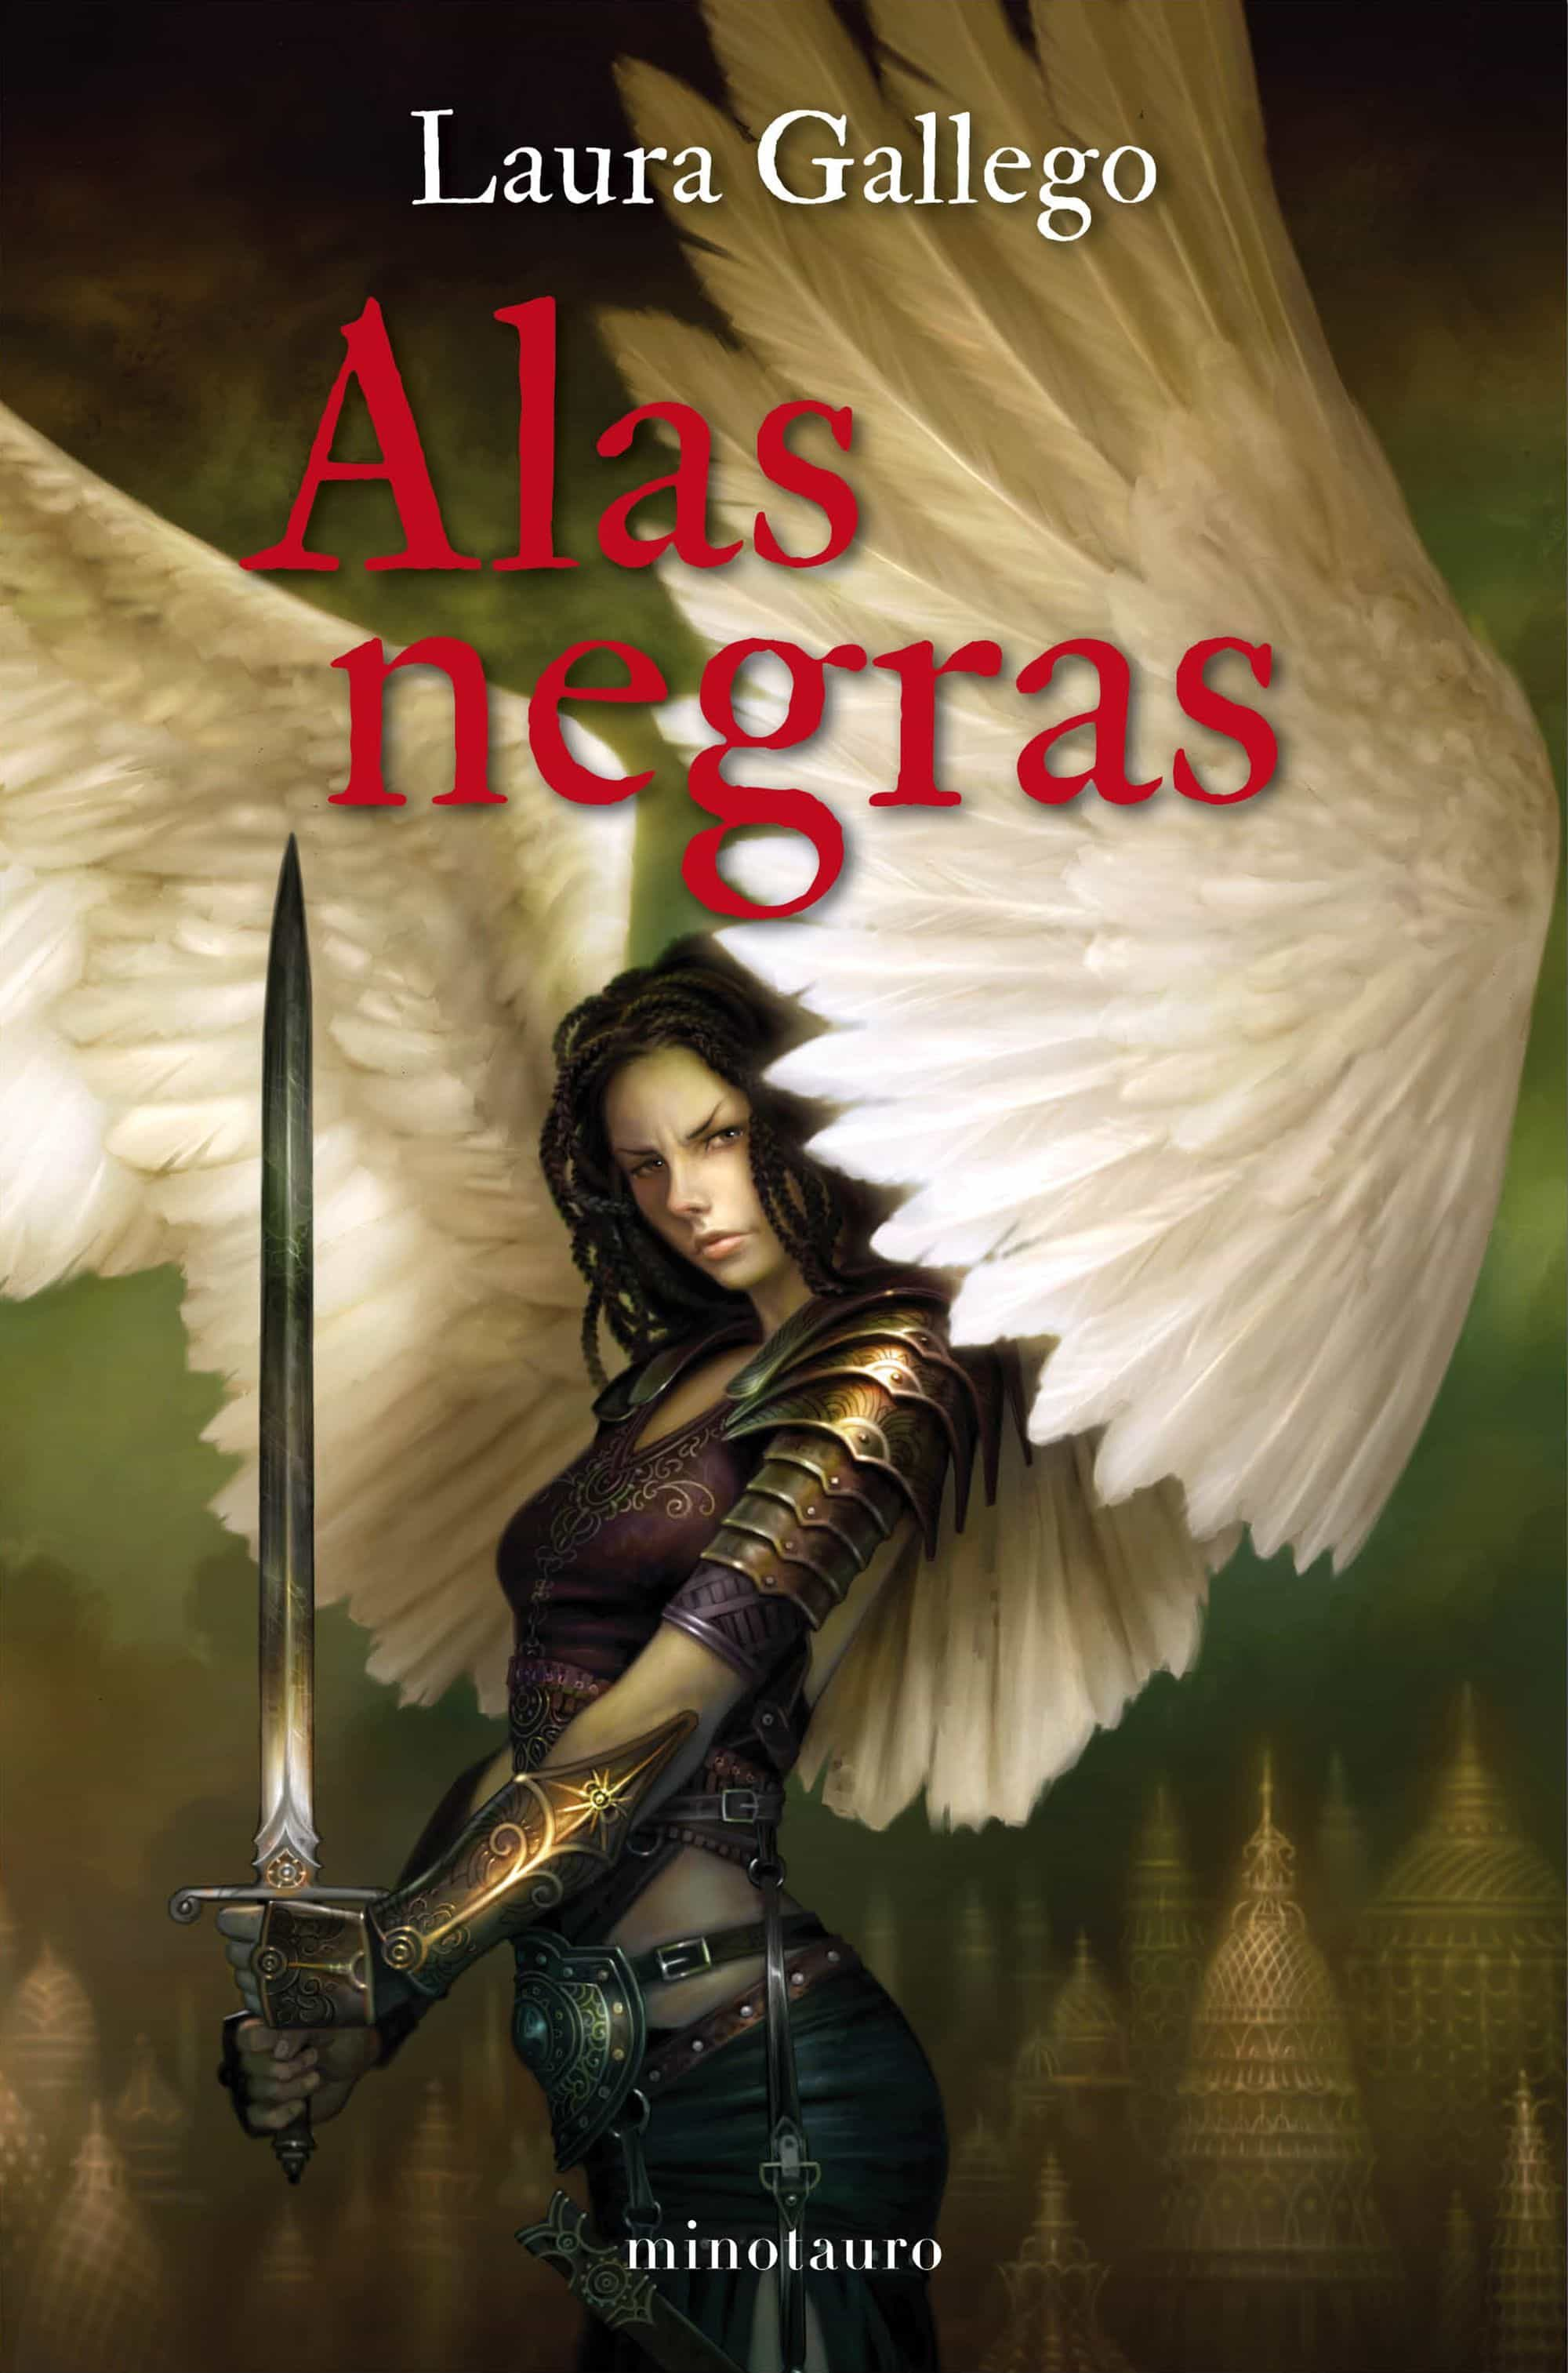 Resultado de imagen de alas negras, laura gallego